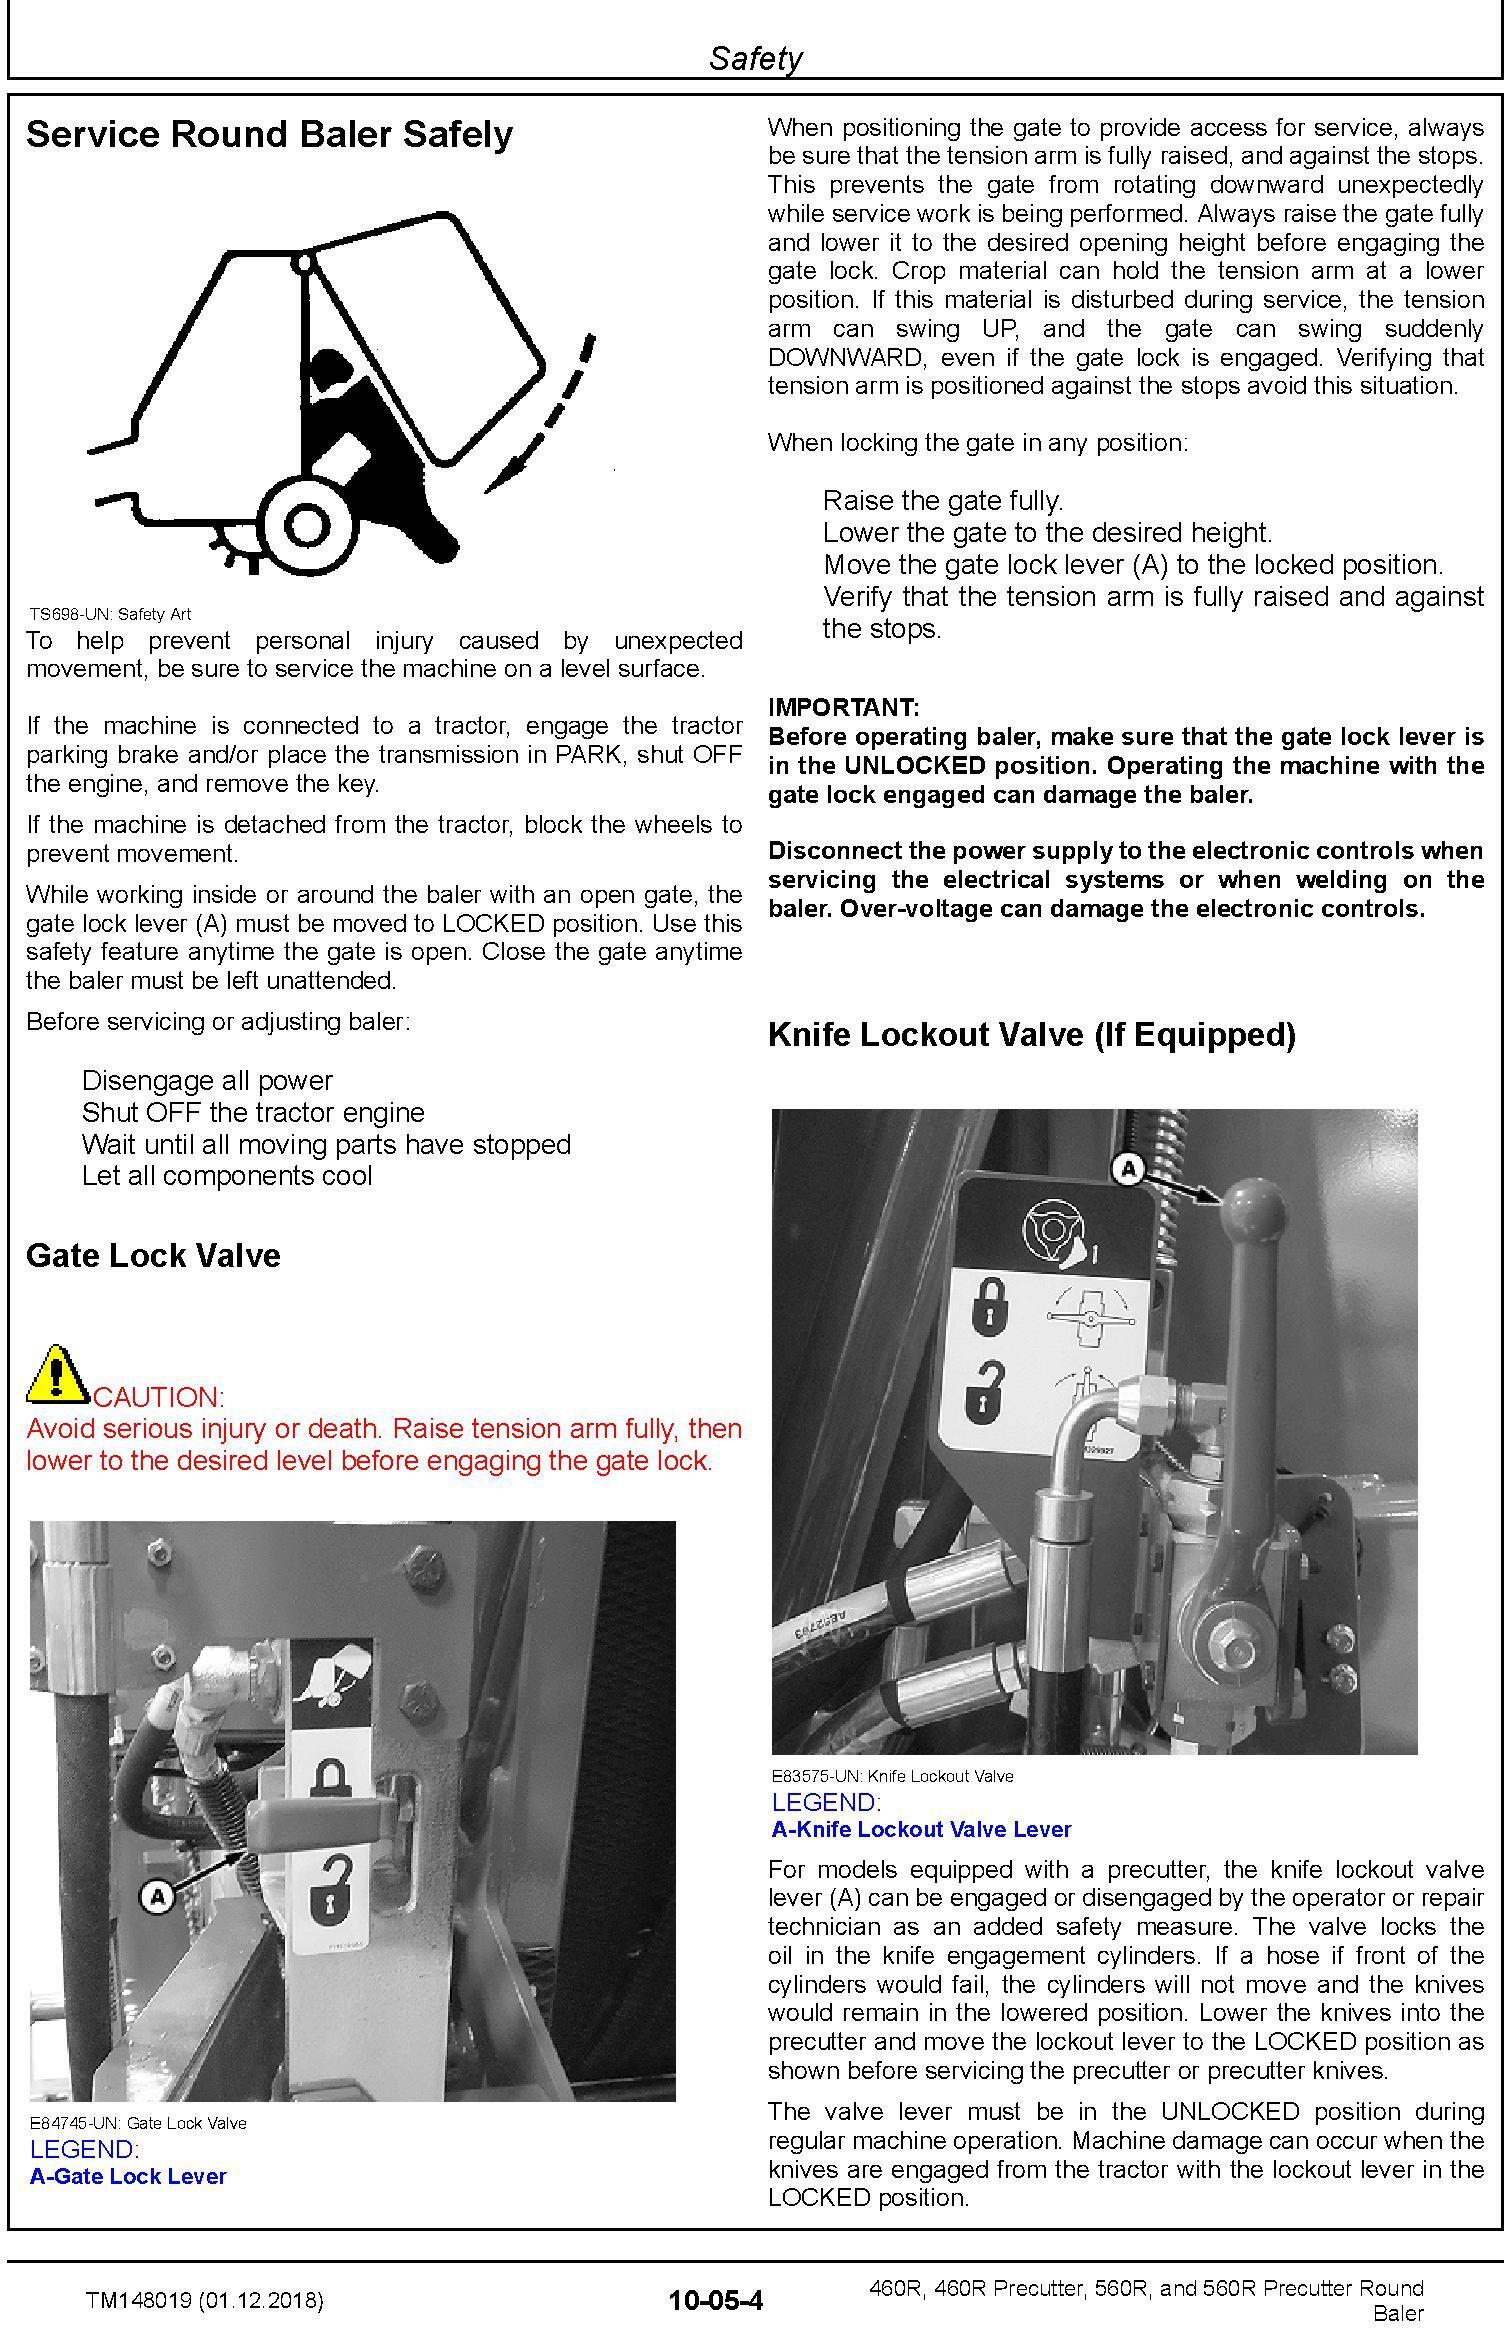 John Deere 460R, 460R Precutter, 560R, and 560R Precutter Round Baler Technical Manual (TM148019) - 1